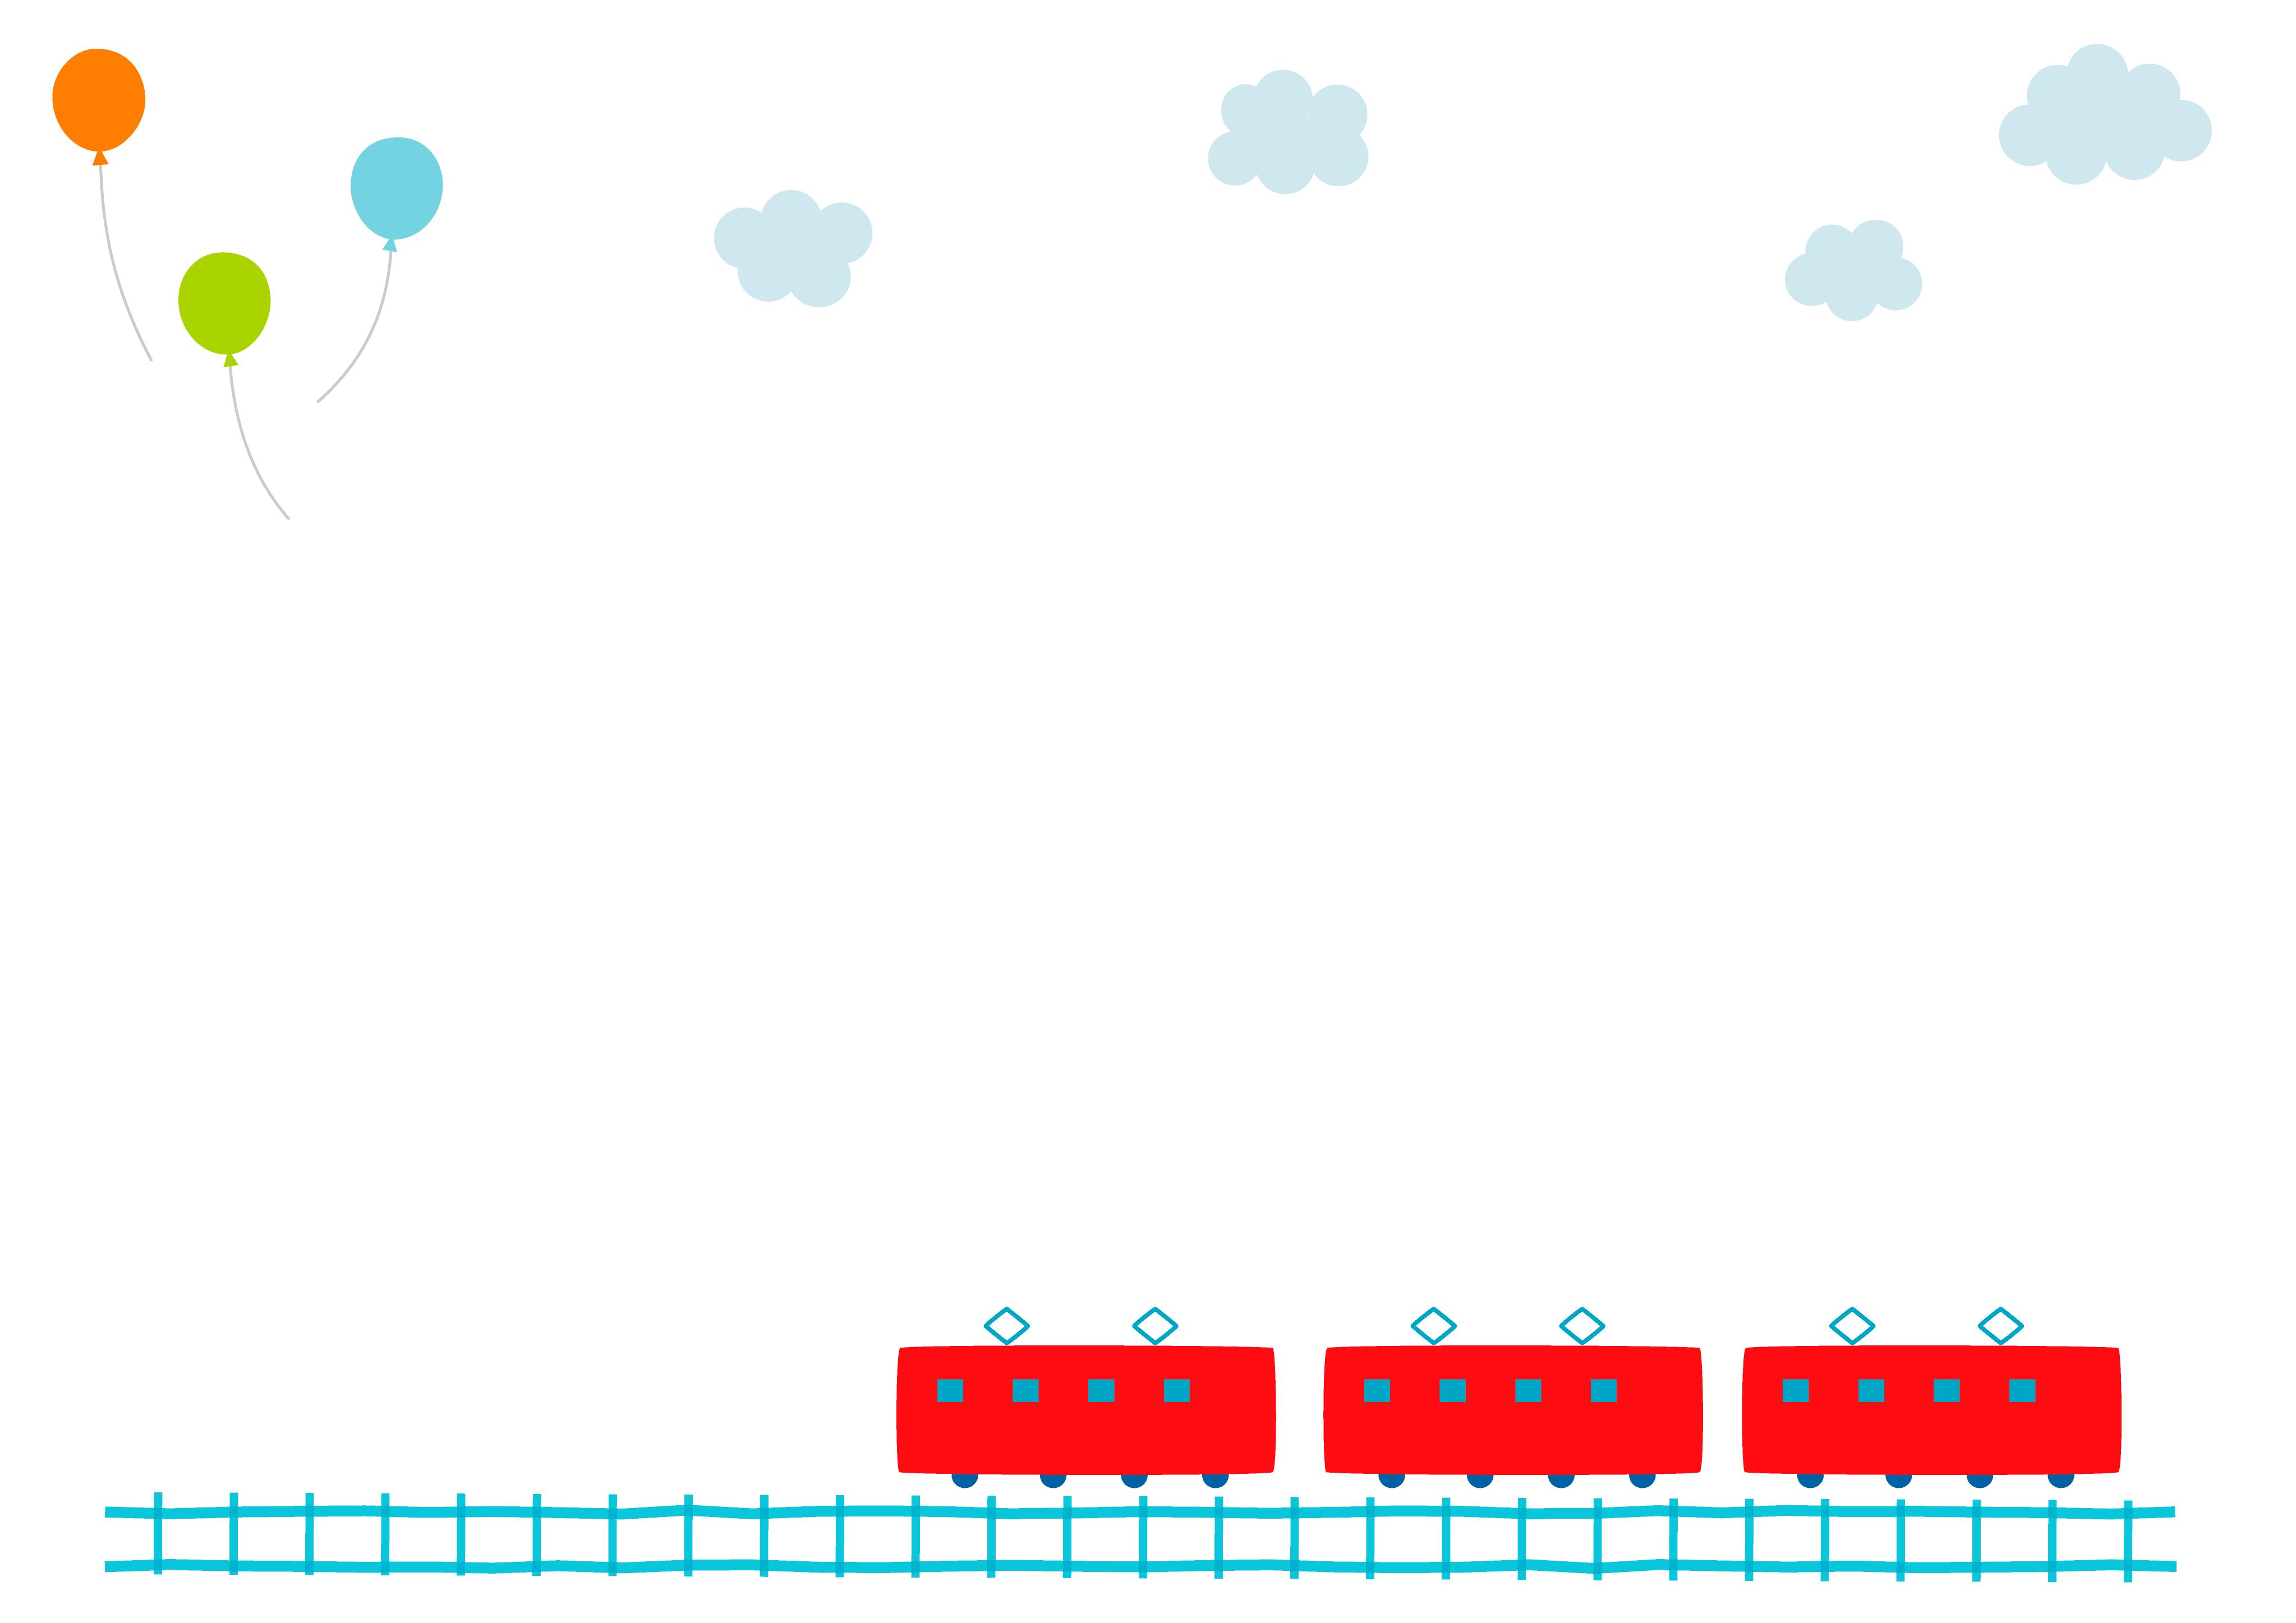 Lilac メッセージカード枠 - Word等 挿入用 テンプレート イラスト画像 無料ダウンロード|幼児教材・知育プリント